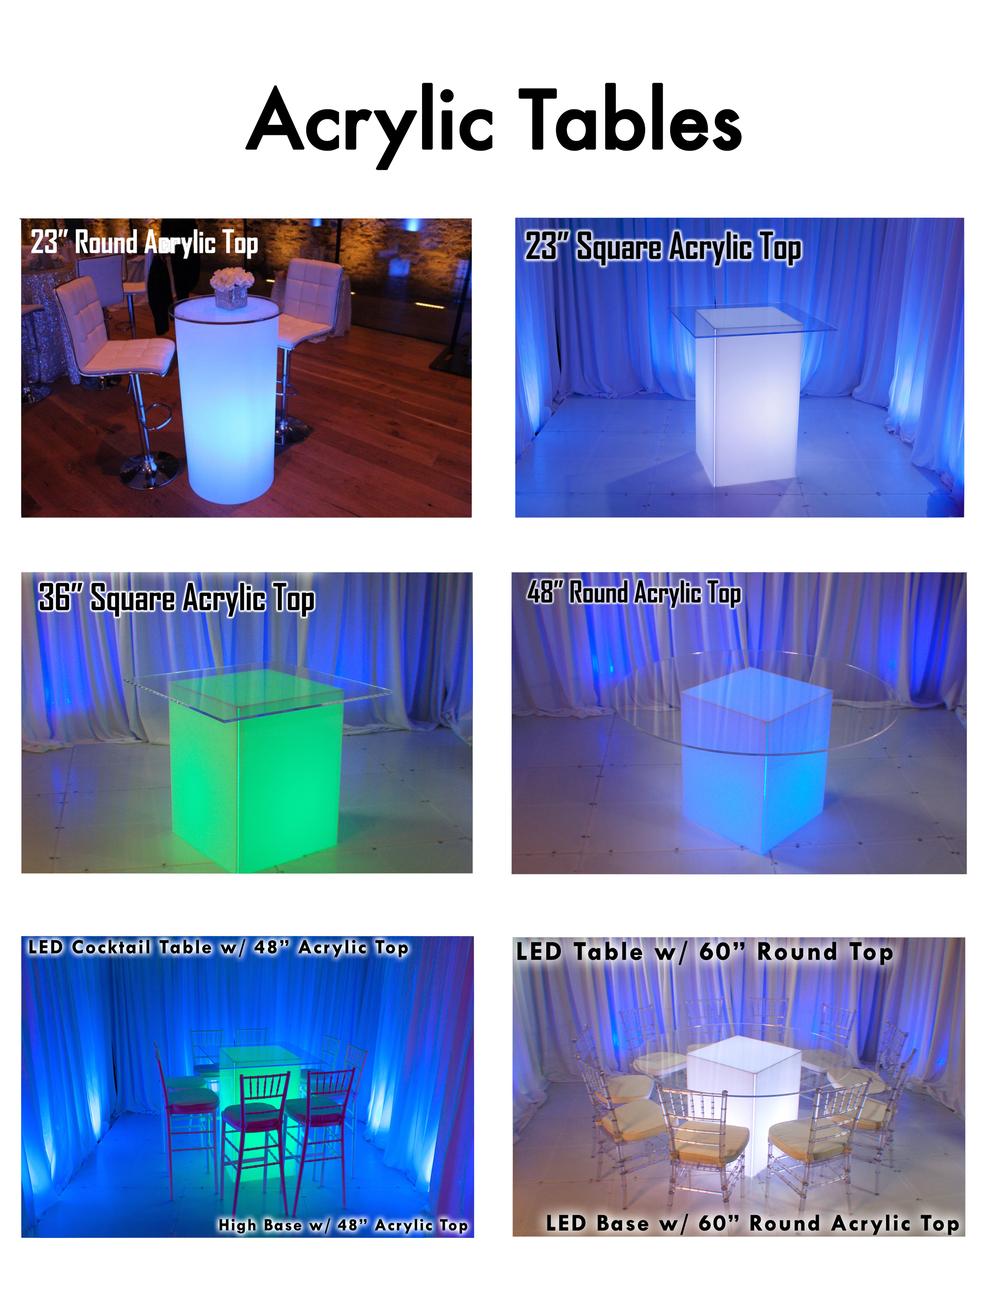 P24_Acrylic Tables.jpg